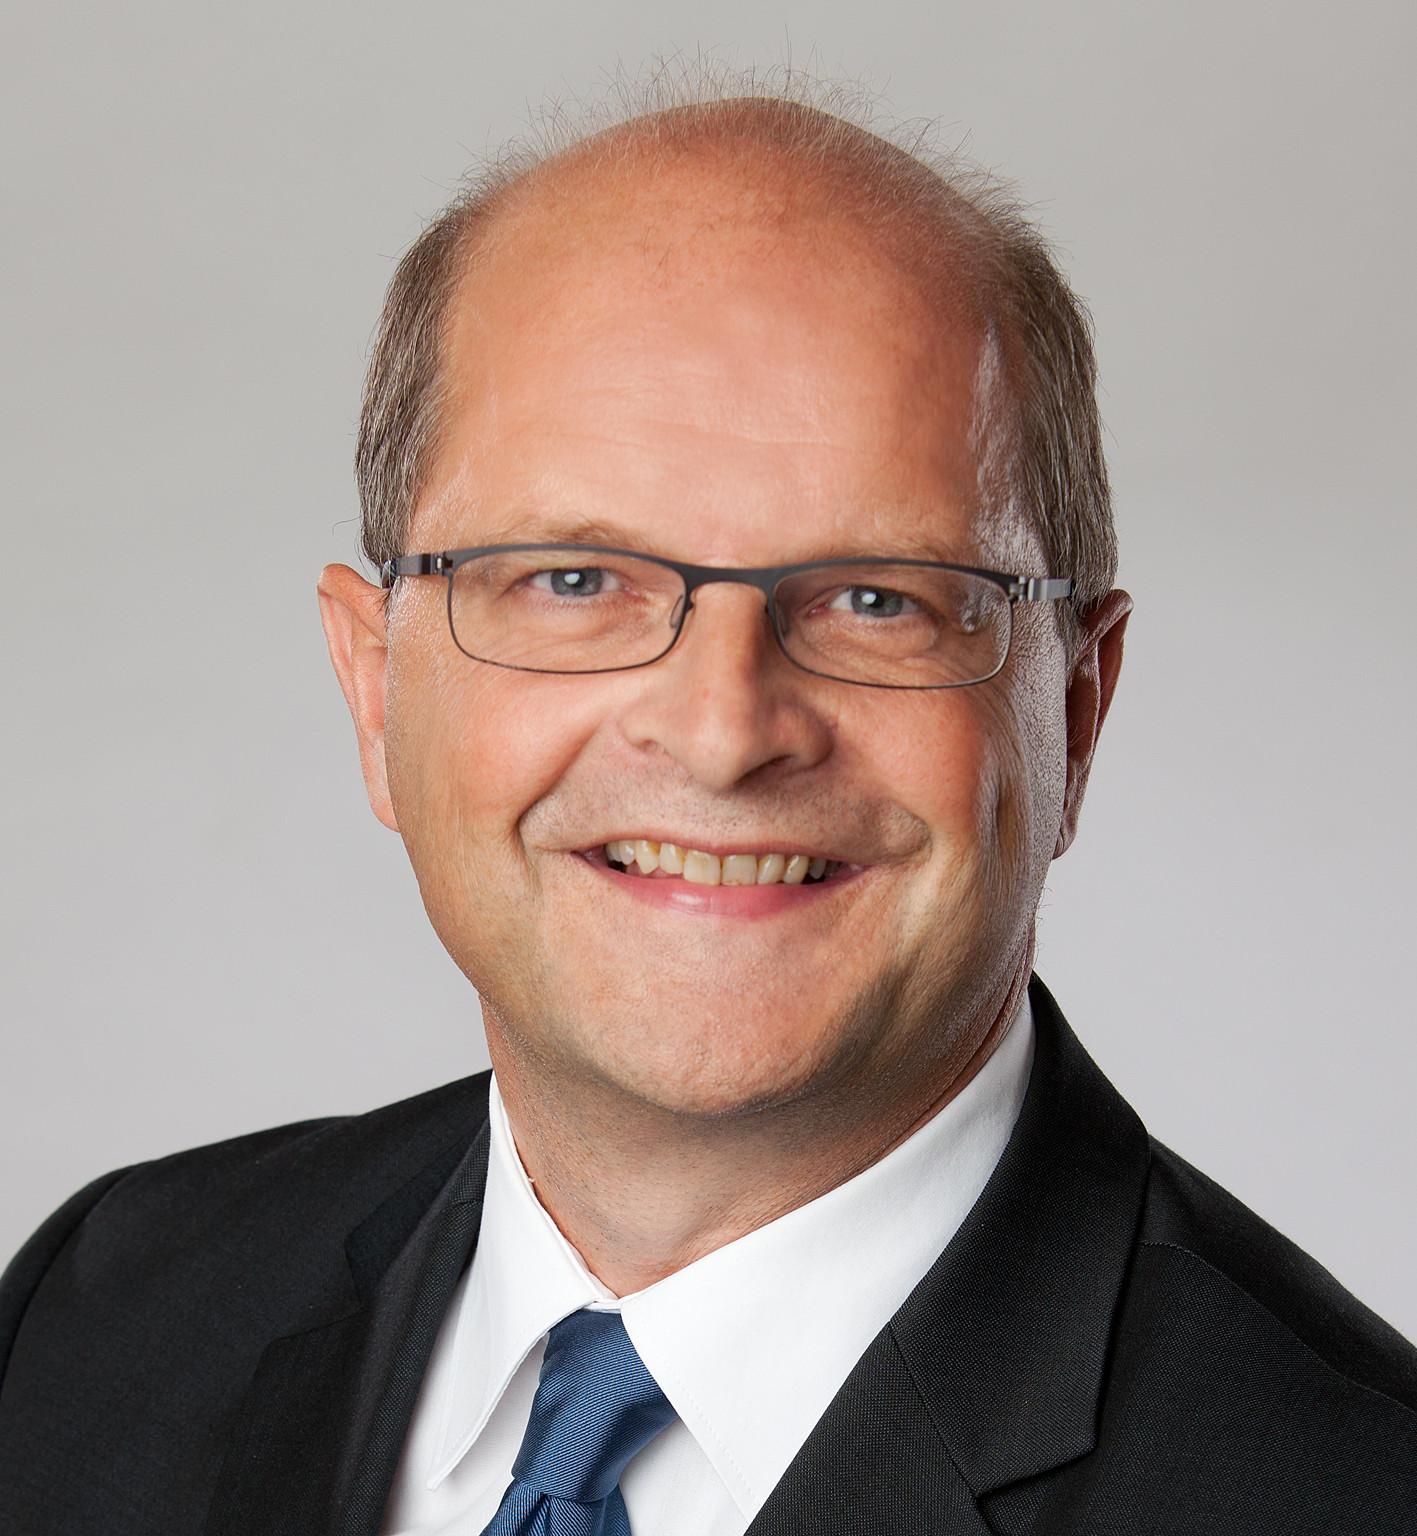 """""""Wir haben unsere Marktposition hier in Münster und der Region auf hohem Niveau und in einem wettbewerbsintensiven Umfeld eindrucksvoll behauptet und weiter ausgebaut"""", sagte Werner Oesterschlink, Sprecher der Geschäftsleitung und Marktgebietsleiter Firmenkunden Deutsche Bank Münster."""